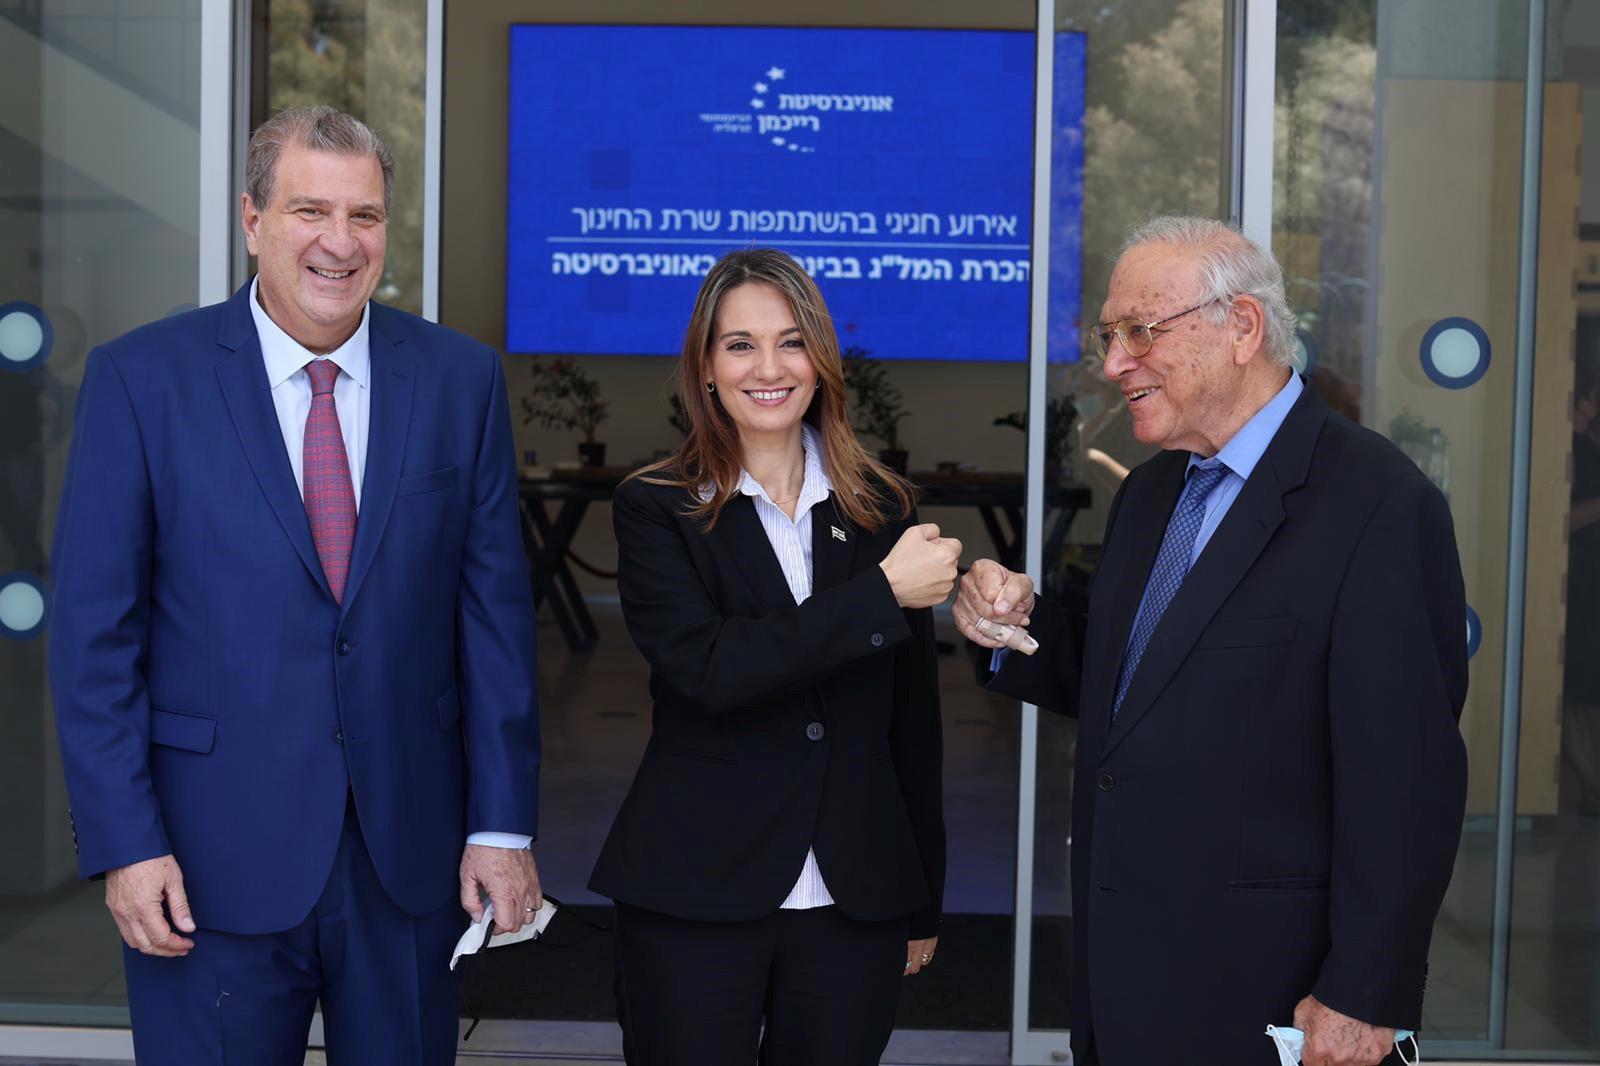 שתי אוניברסיטאות הוקמו בישראל בחודש האחרון ולהן מטרת אחת: לחזק את הקפיטליזם